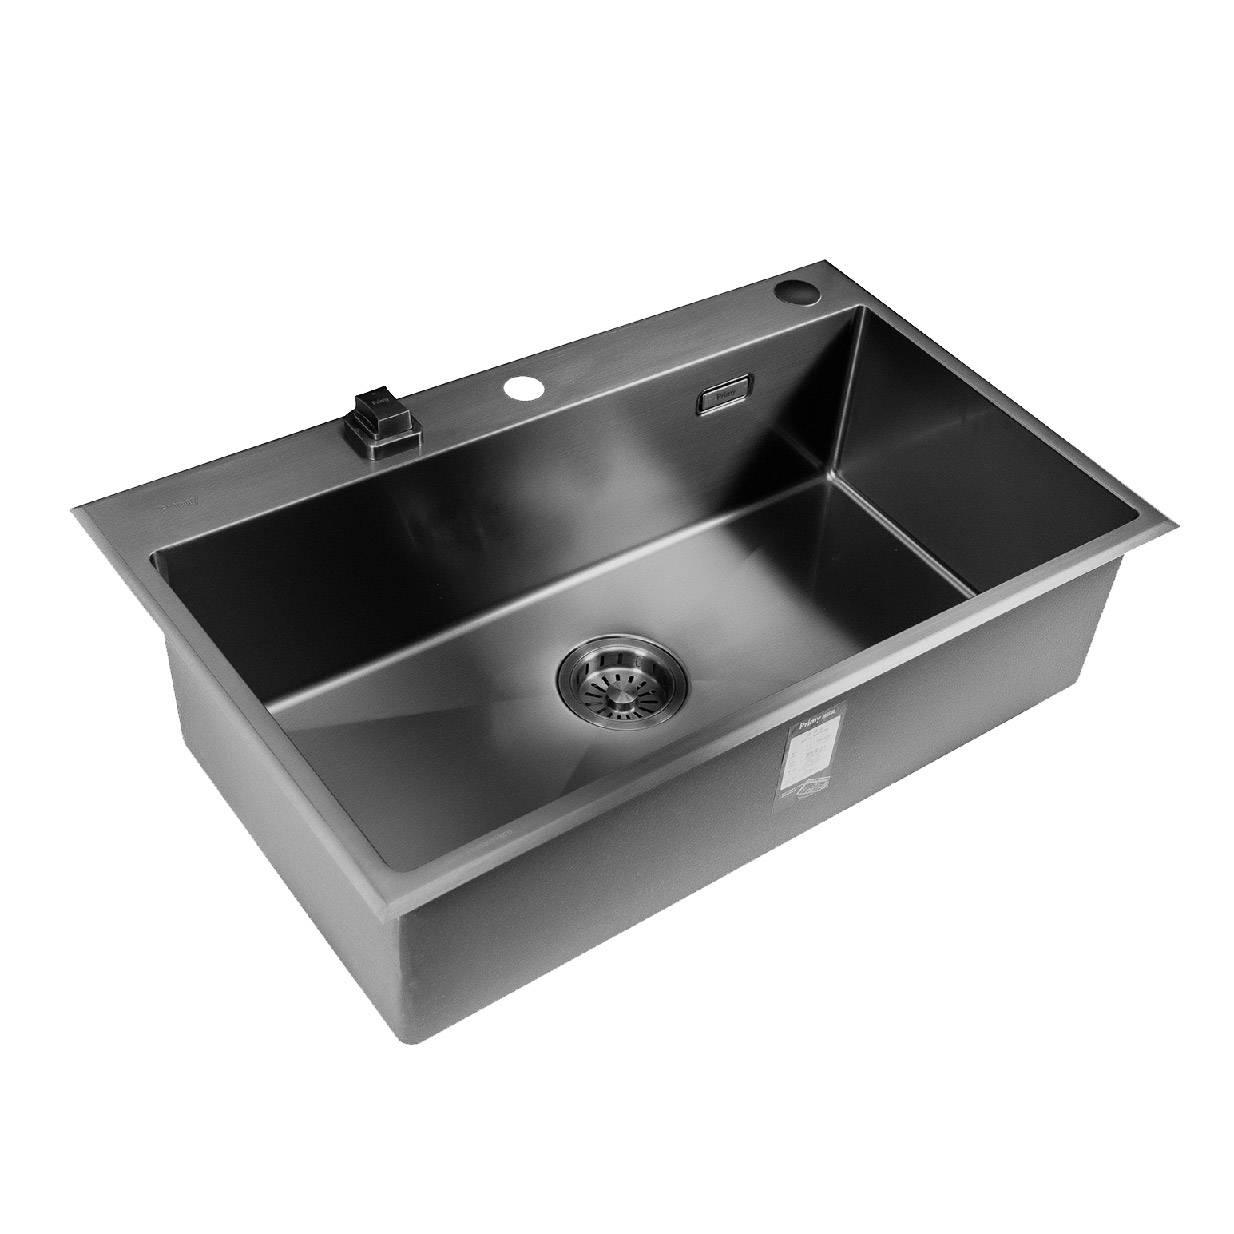 普乐美黑色PVD纳米不锈钢水槽-黑金刚